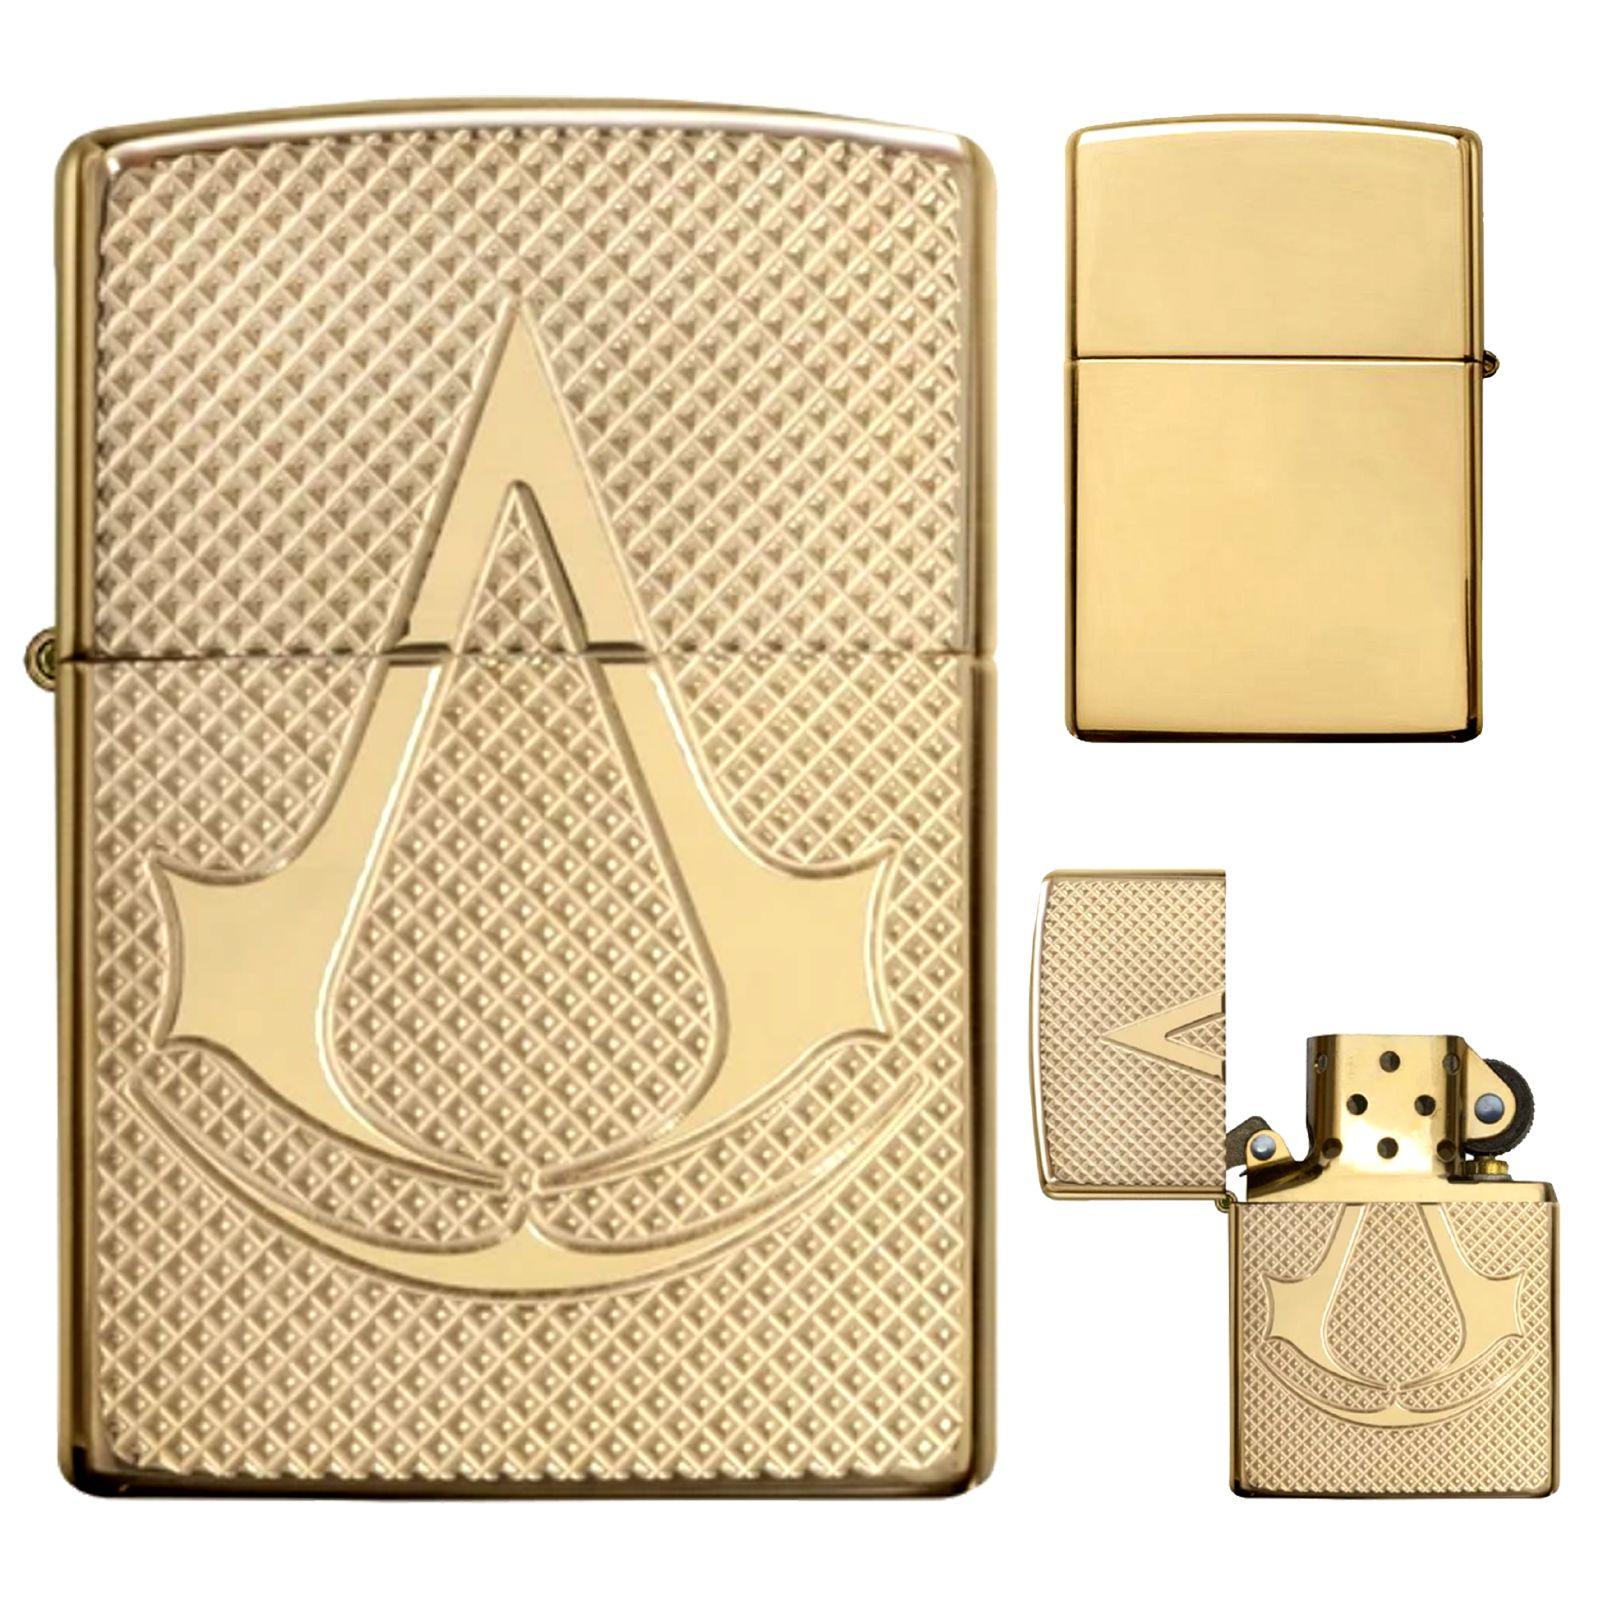 Zippo Lighter Assassin S Creed Gold High Polish Brass Emblem